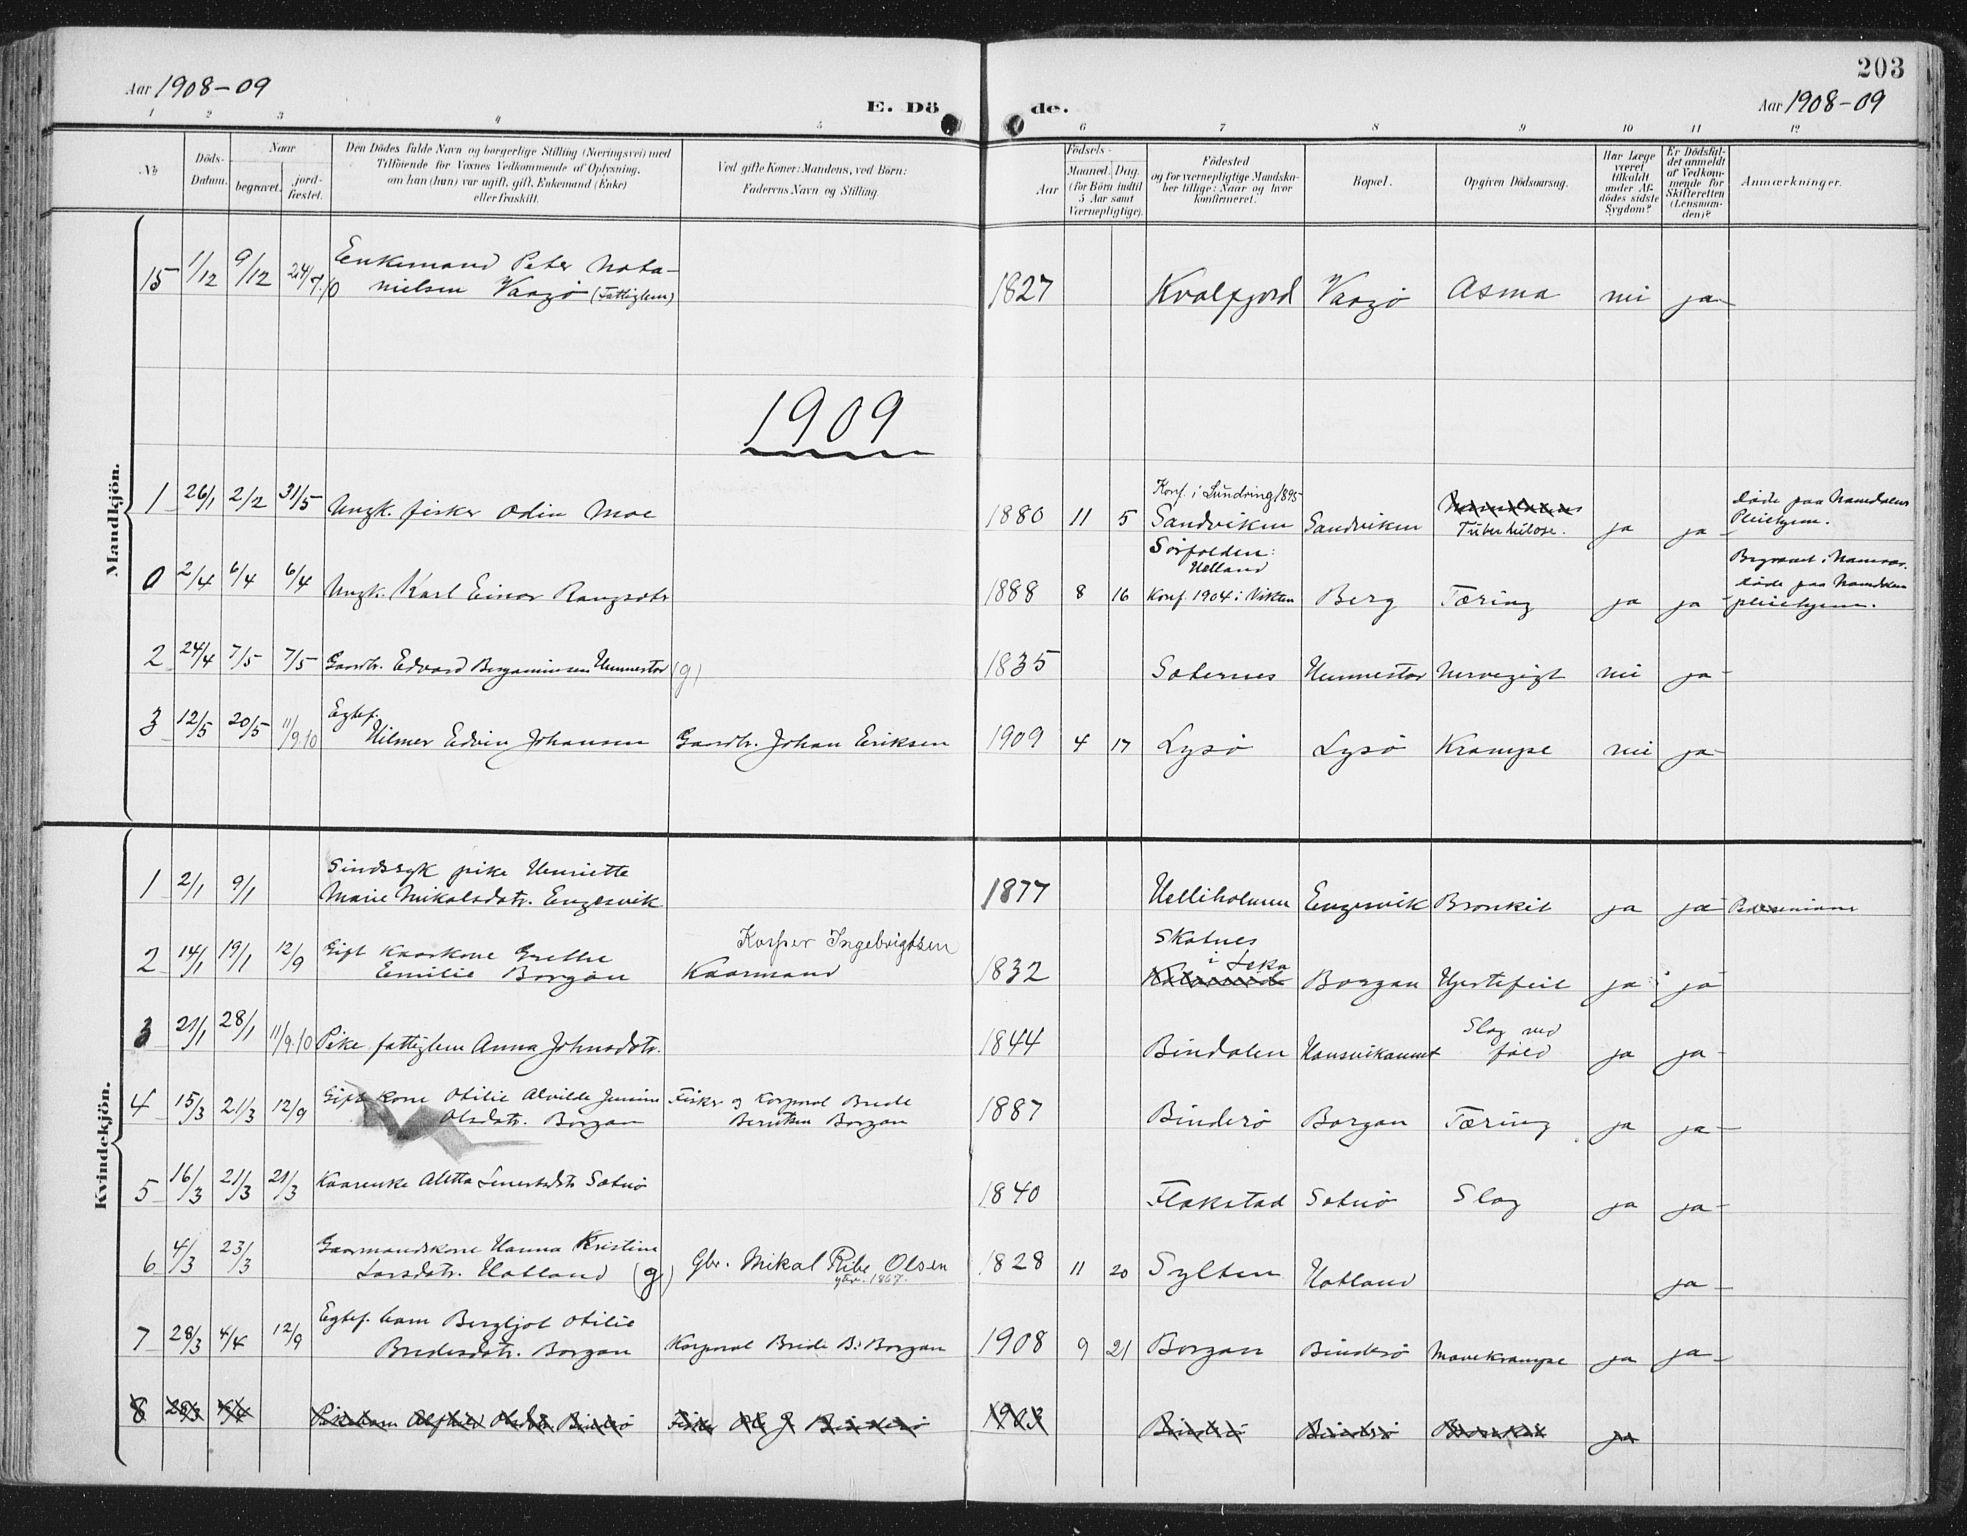 SAT, Ministerialprotokoller, klokkerbøker og fødselsregistre - Nord-Trøndelag, 786/L0688: Ministerialbok nr. 786A04, 1899-1912, s. 203